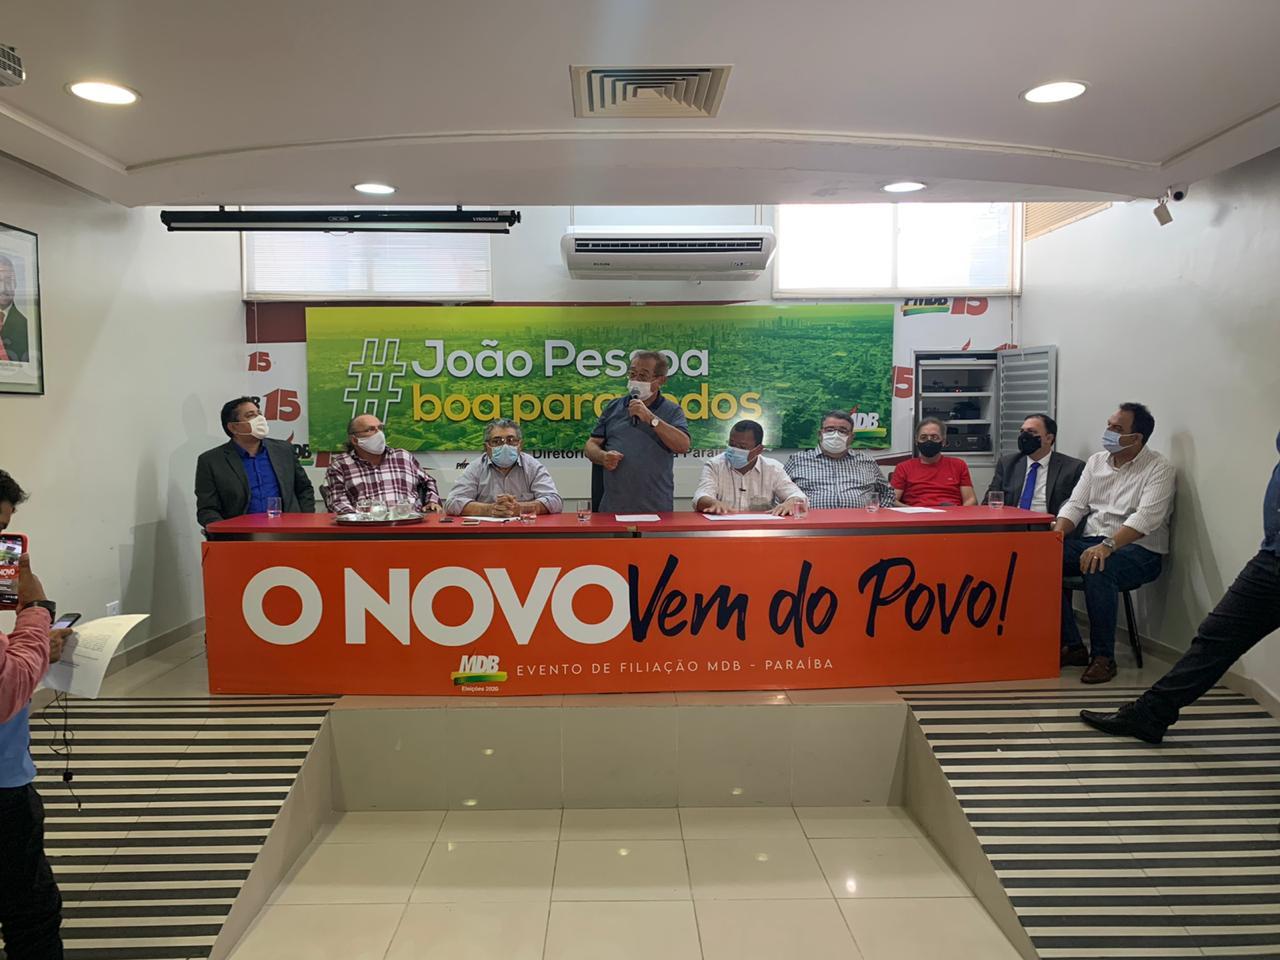 nilvan anuncio - Nilvan Ferreira oficializa chapa com Major do Exército sendo candidato a vice-prefeito